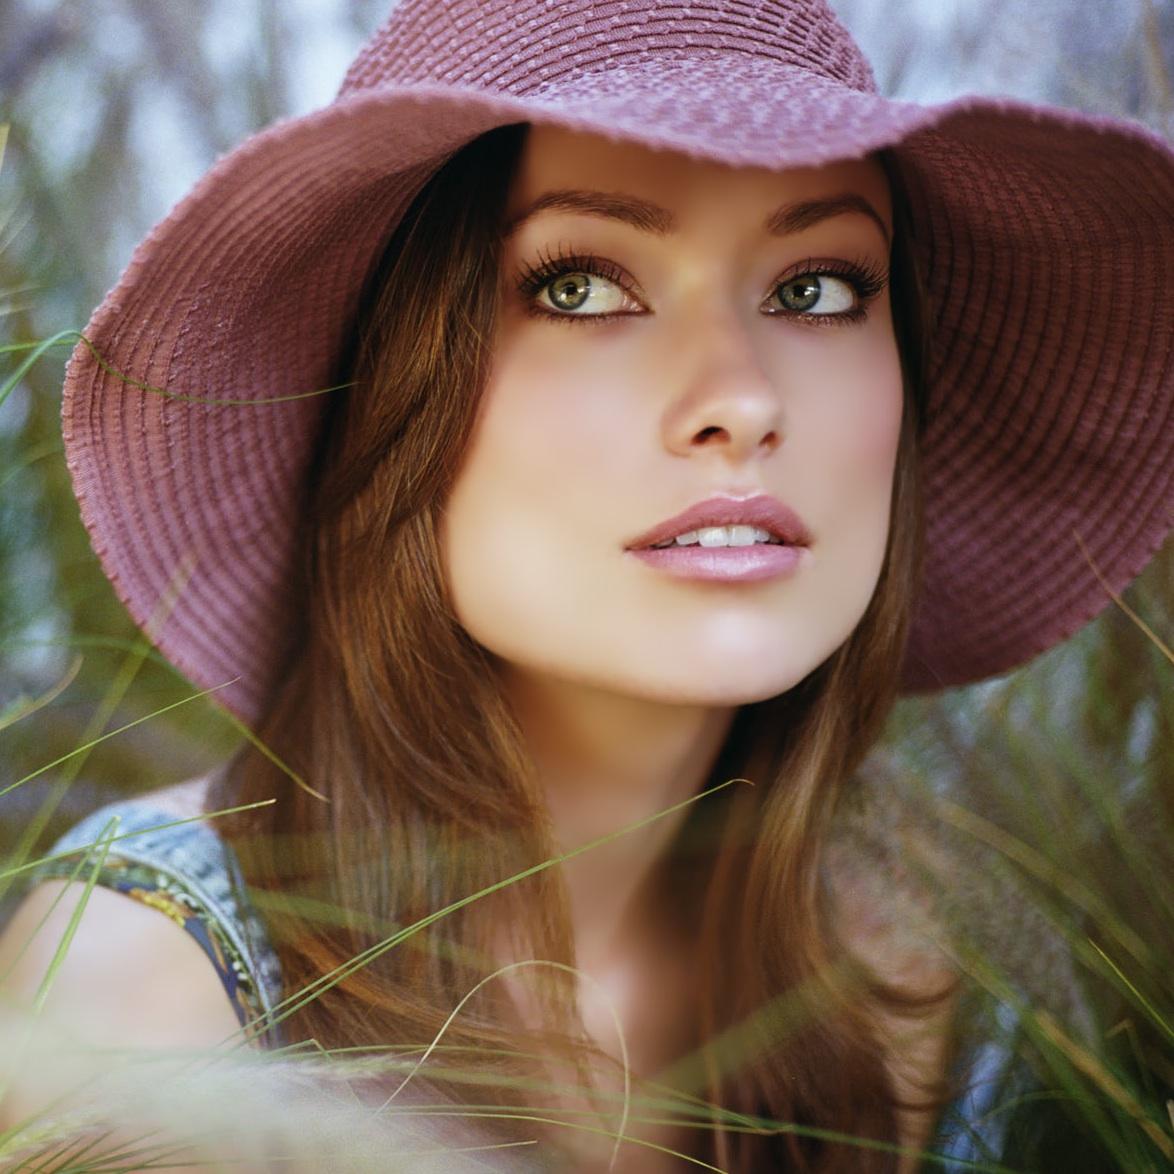 http://2.bp.blogspot.com/-gcdqThR_mJU/T_tXk9gmmVI/AAAAAAAAERU/x7jddDCBsfQ/s1600/Olivia+Wilde(5).jpg